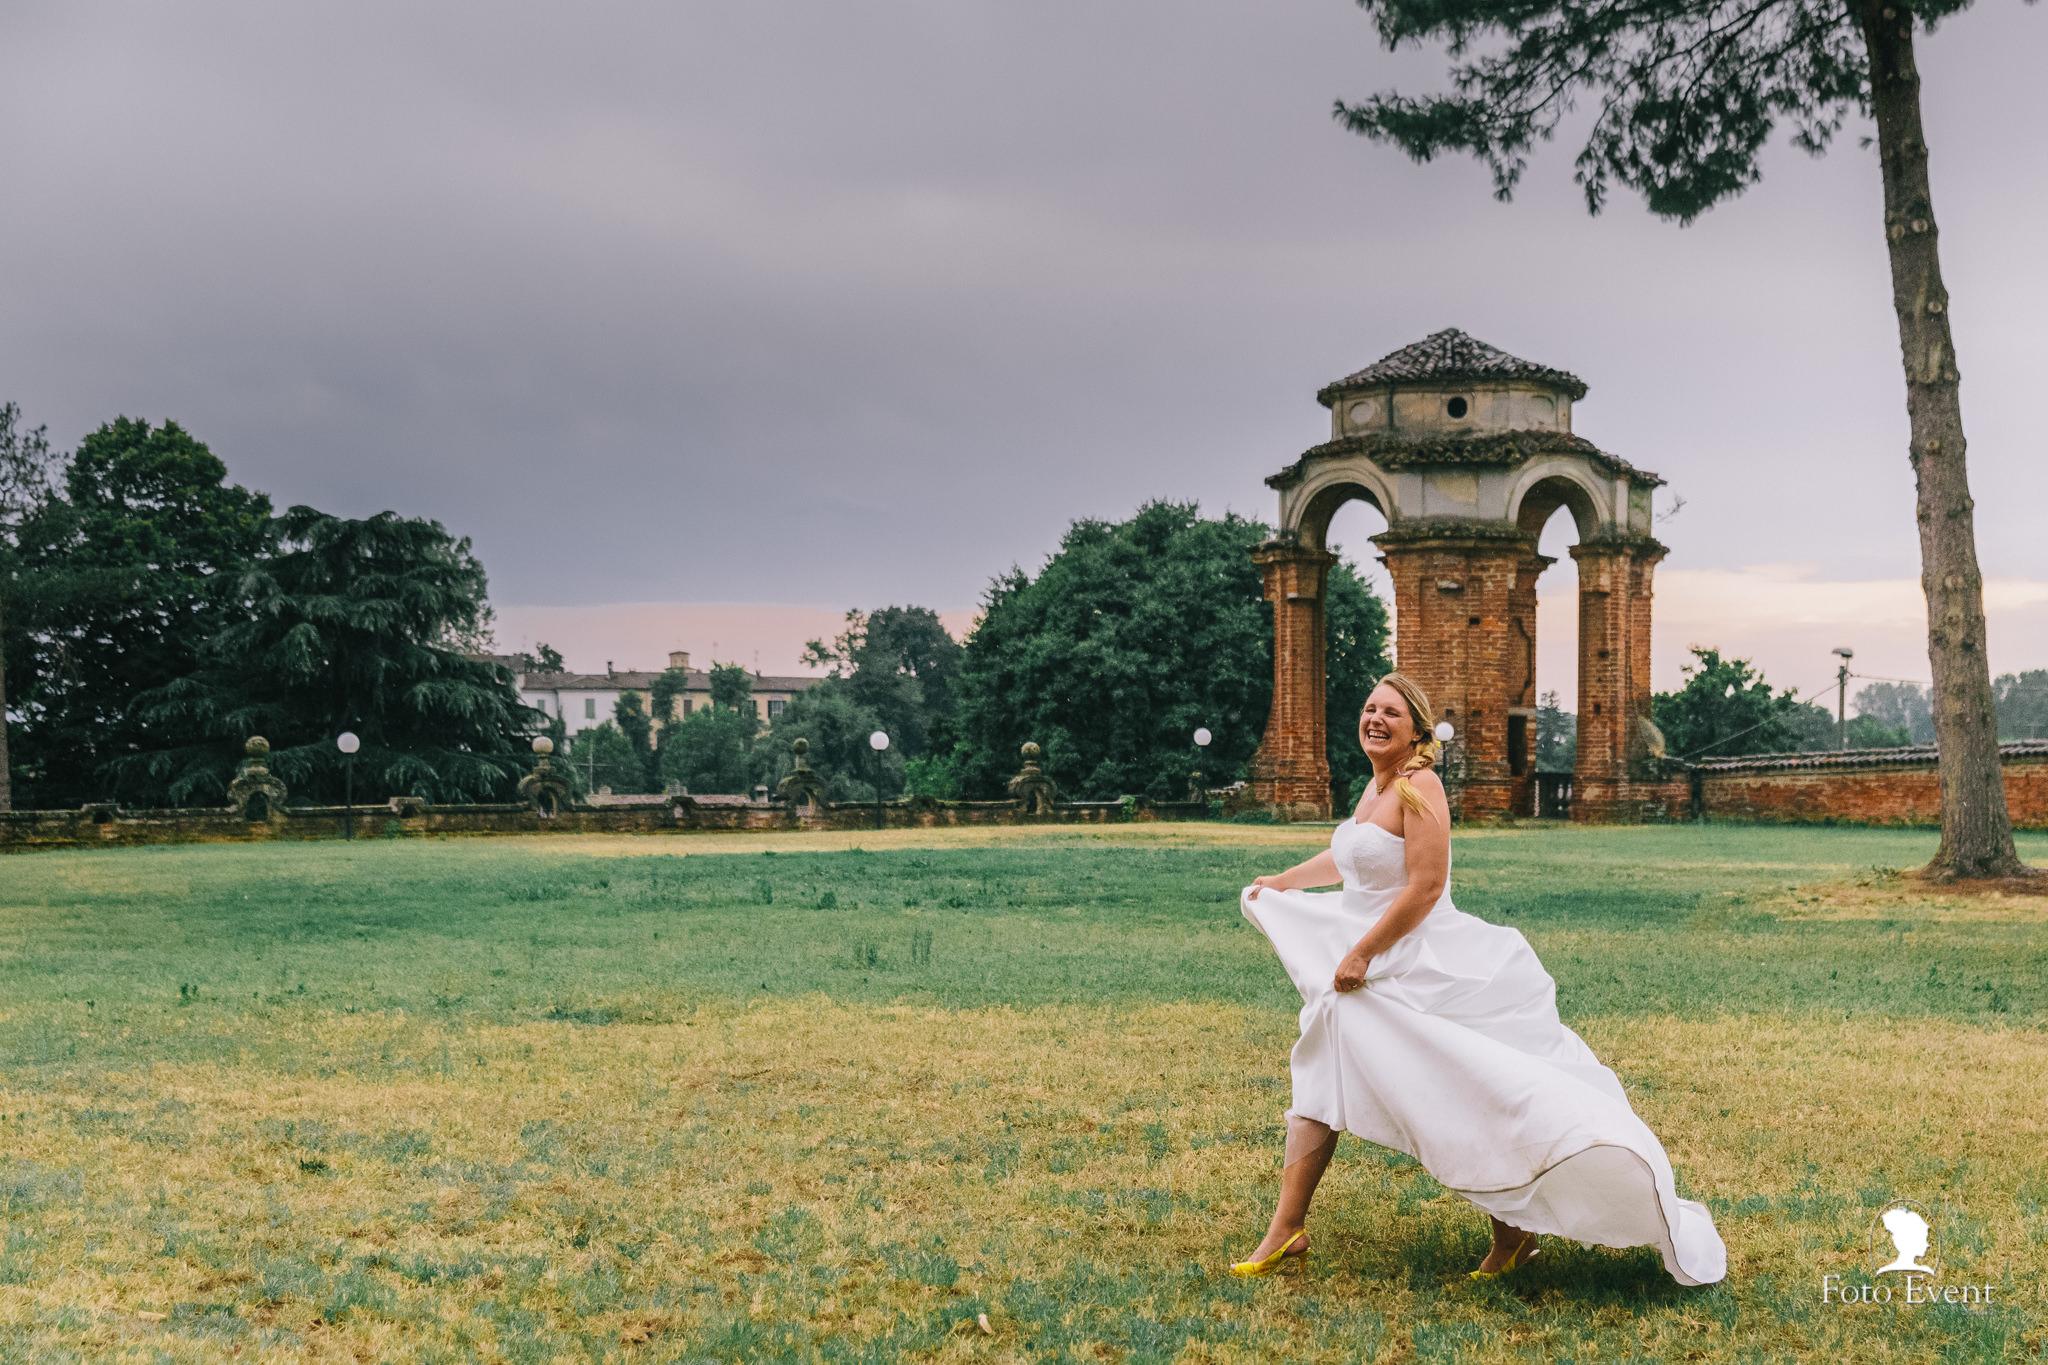 070-2019-07-27-Matrimonio-Valentina-e-Alessandro-Pettinari-5DE-1370